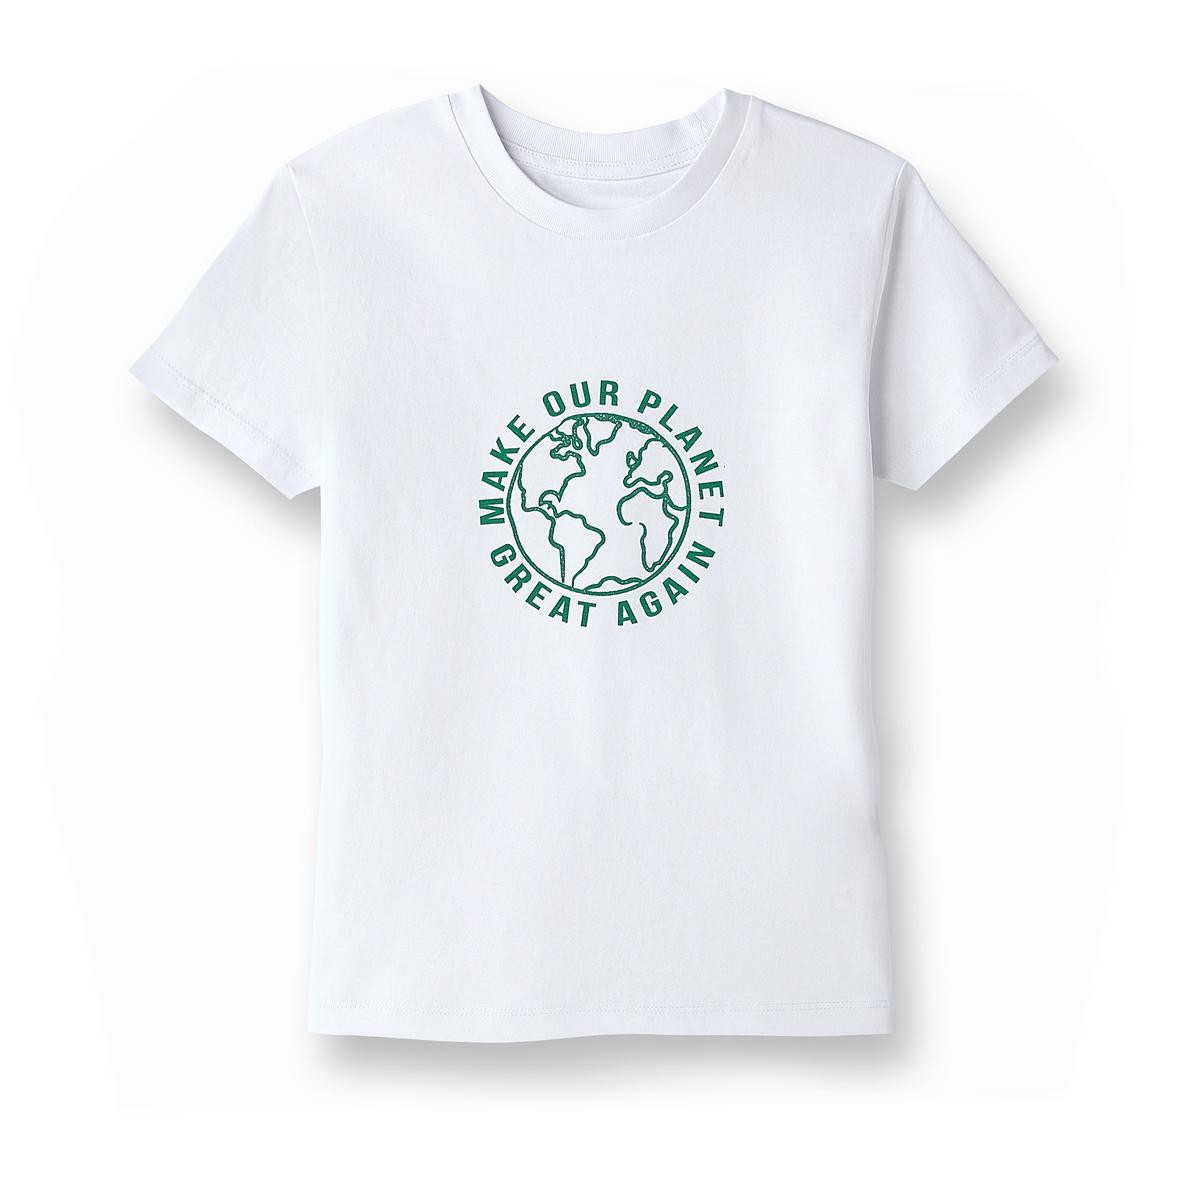 Футболка с надписью из биохлопка, 5-14 летФутболка La Redoute Collections совместно с Envol'Vert. Круглый вырез. Короткие рукава. НадписьСделаем снова нашу планету замечательной спереди.За каждую проданную футболку La Redoute перечисляет 1€ Envol'Vert. Собранная сумма позволит участвовать в проекте озеленения леса в Колумбии.                                          Более подробно : http://envol-vert.org/projets/restauration-forestiere-et-noyer-maya/                         Состав и описаниеМатериал:100% био-хлопокМарка: La Redoute Collections совместно с Envol'Vert                     Уход:                     Стирать при 30° с изделиями схожих цветов                     Отбеливание запрещено                     Гладить при умеренной температуре                     Сухая (химическая) чистка запрещена                     Машинная сушка запрещена                                          Преимущества : Био-продукт.                     Выращенный без использования пестицидов и химических удобрений био-хлопок изготовлен с заботой о почве, воде и людях, возделывающих его.                     Мы заботимся о сохранении окружающей среды и здоровья людей.<br><br>Цвет: белый<br>Размер: 12/14 лет.7/8 лет- 120/126 см